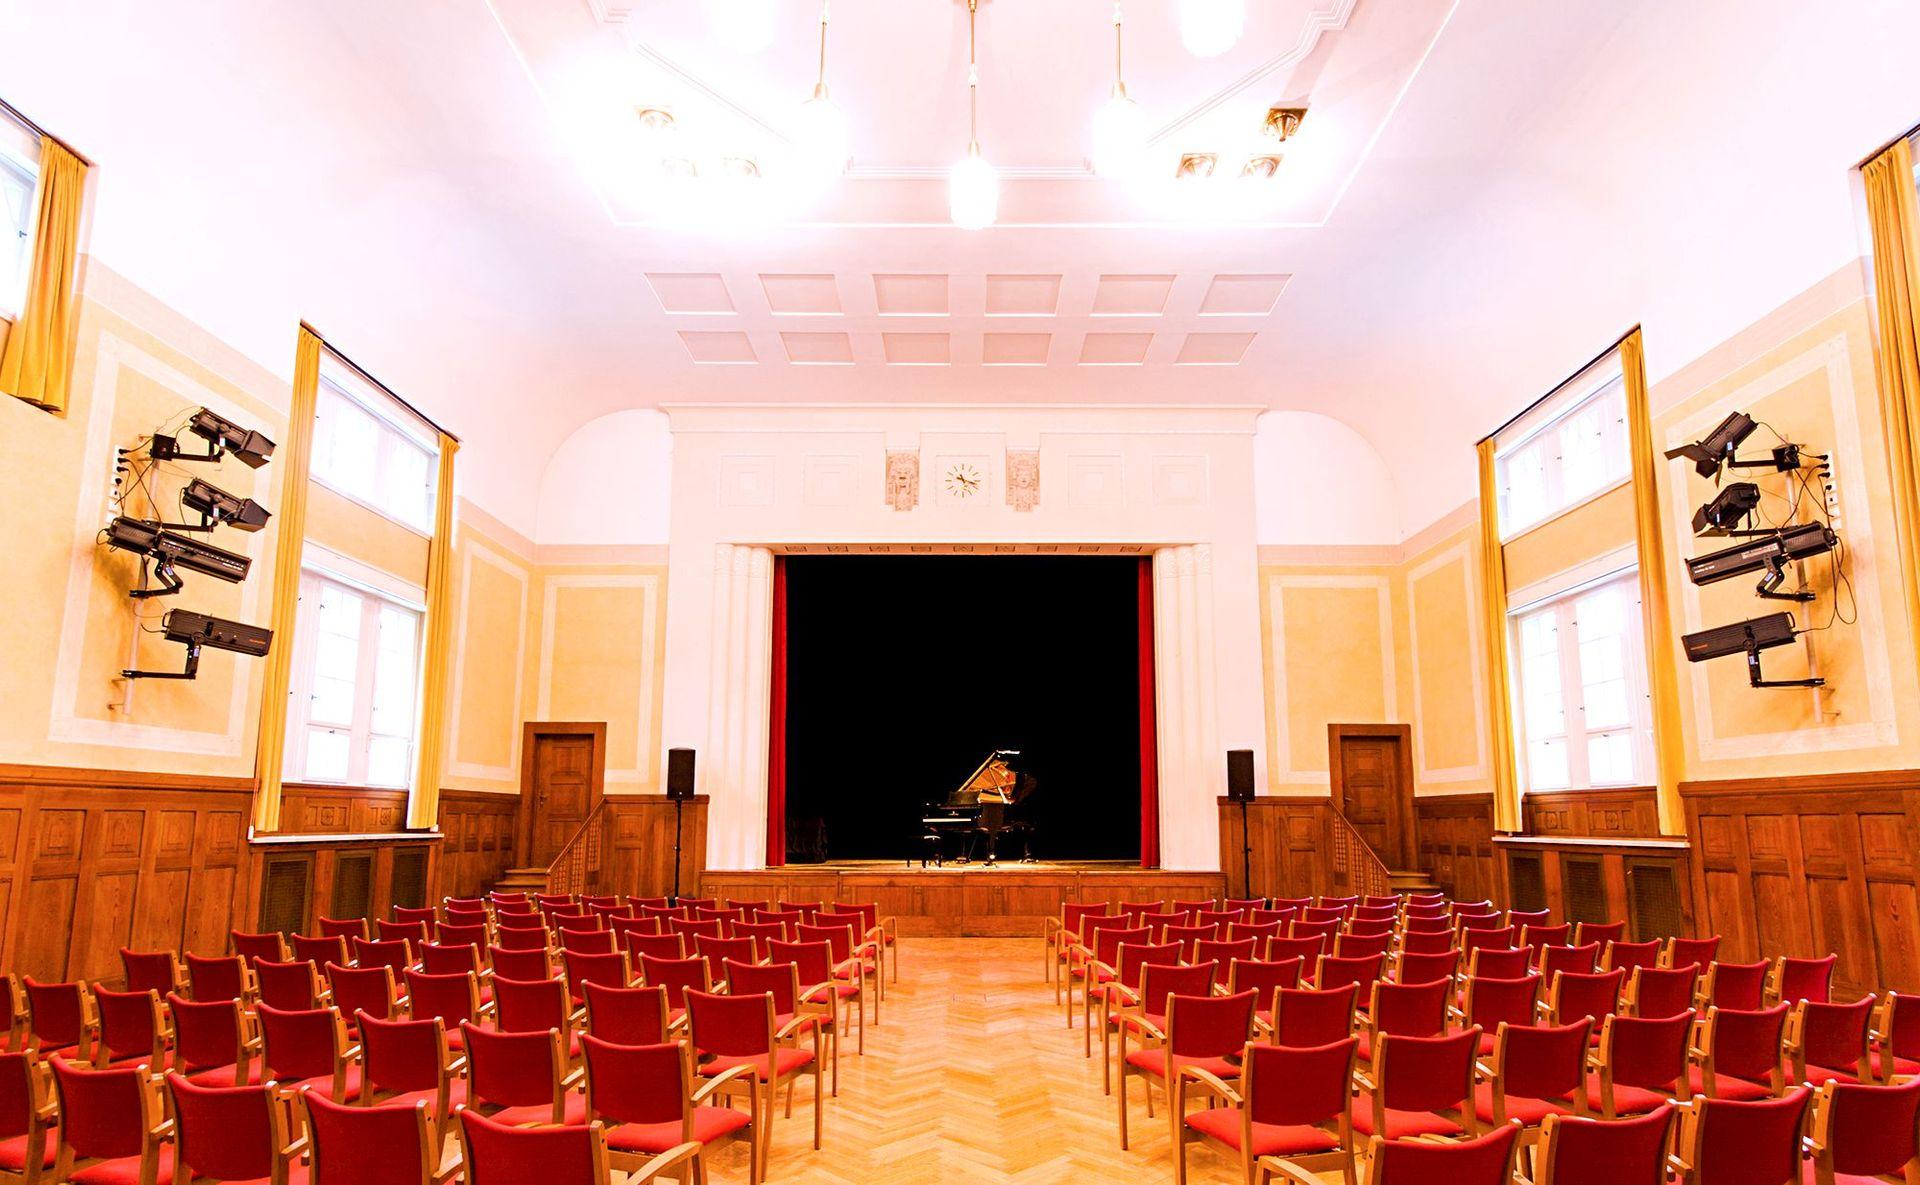 Unser kleines Theater Haar - Das Theater